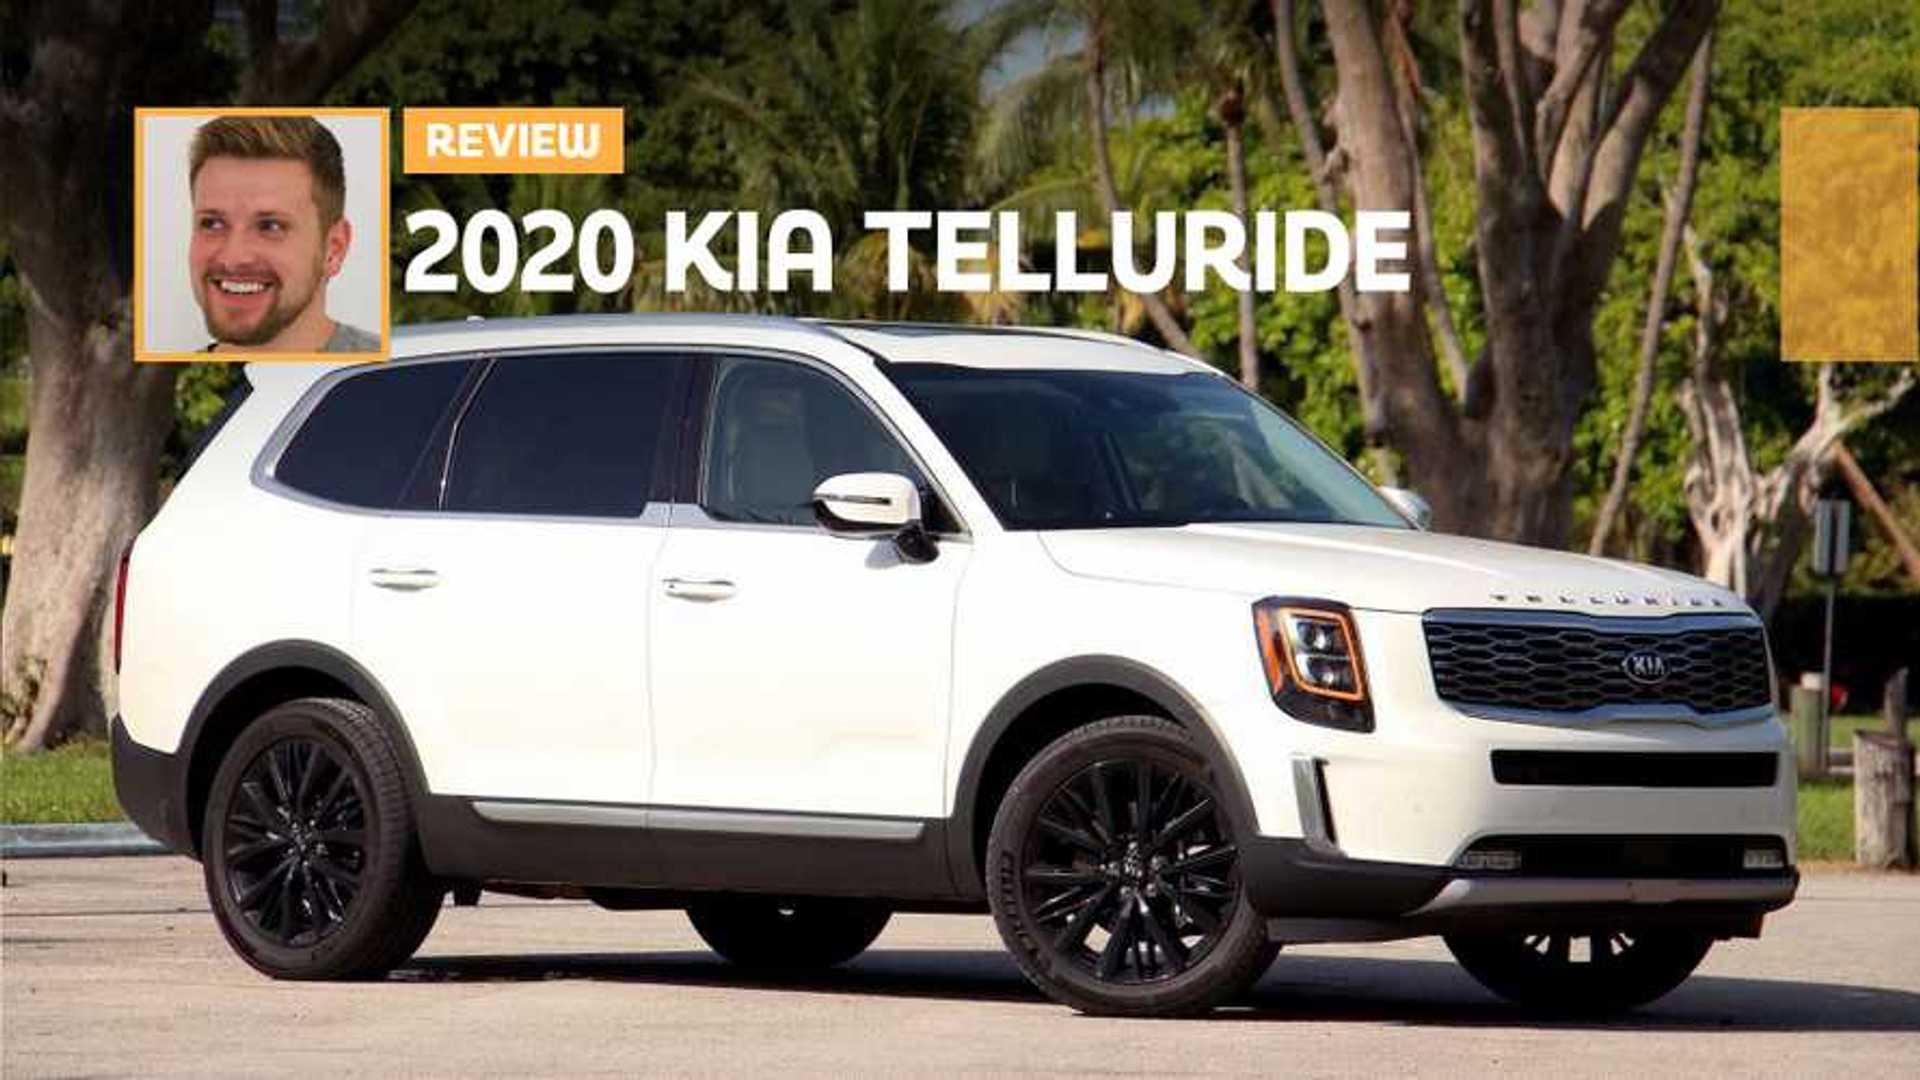 2020 Kia Telluride SX Review: Dare To Be Different